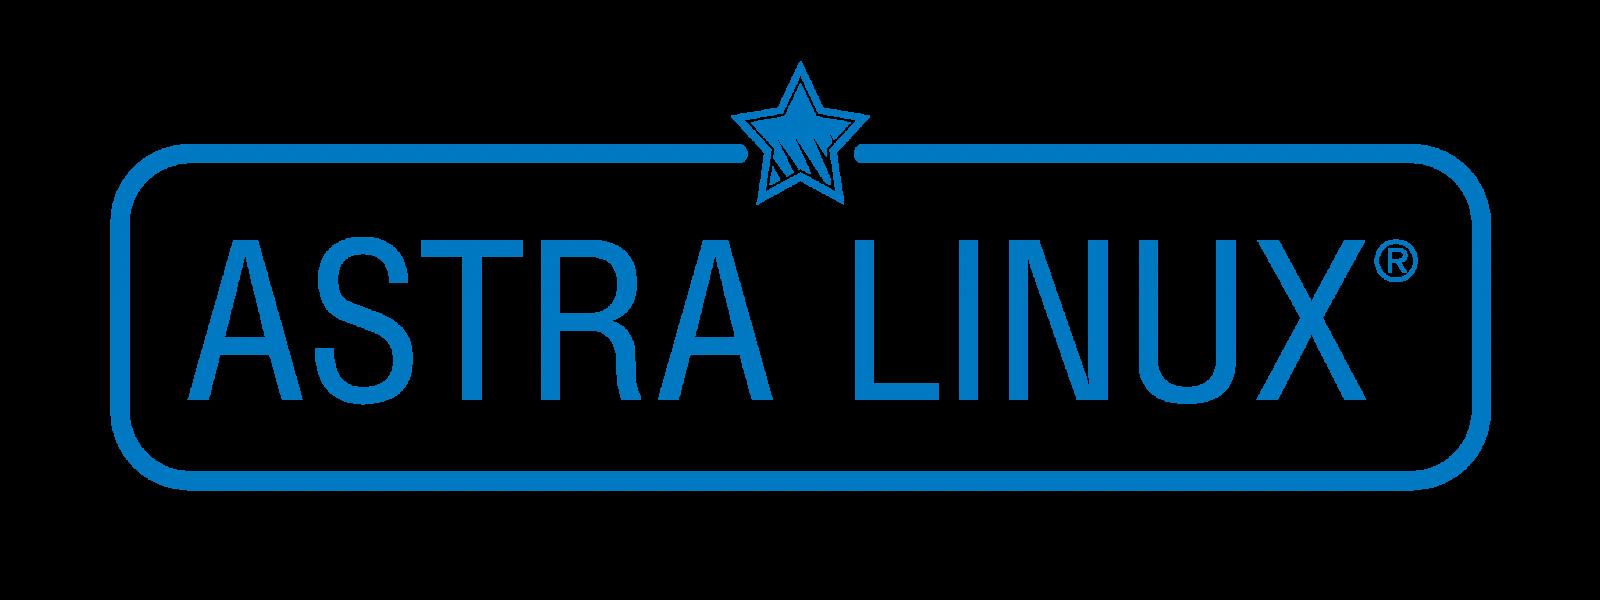 МойОфис и AstraLinux запустили комплексное решение для импортозамещения с обучением в Академии АйТи